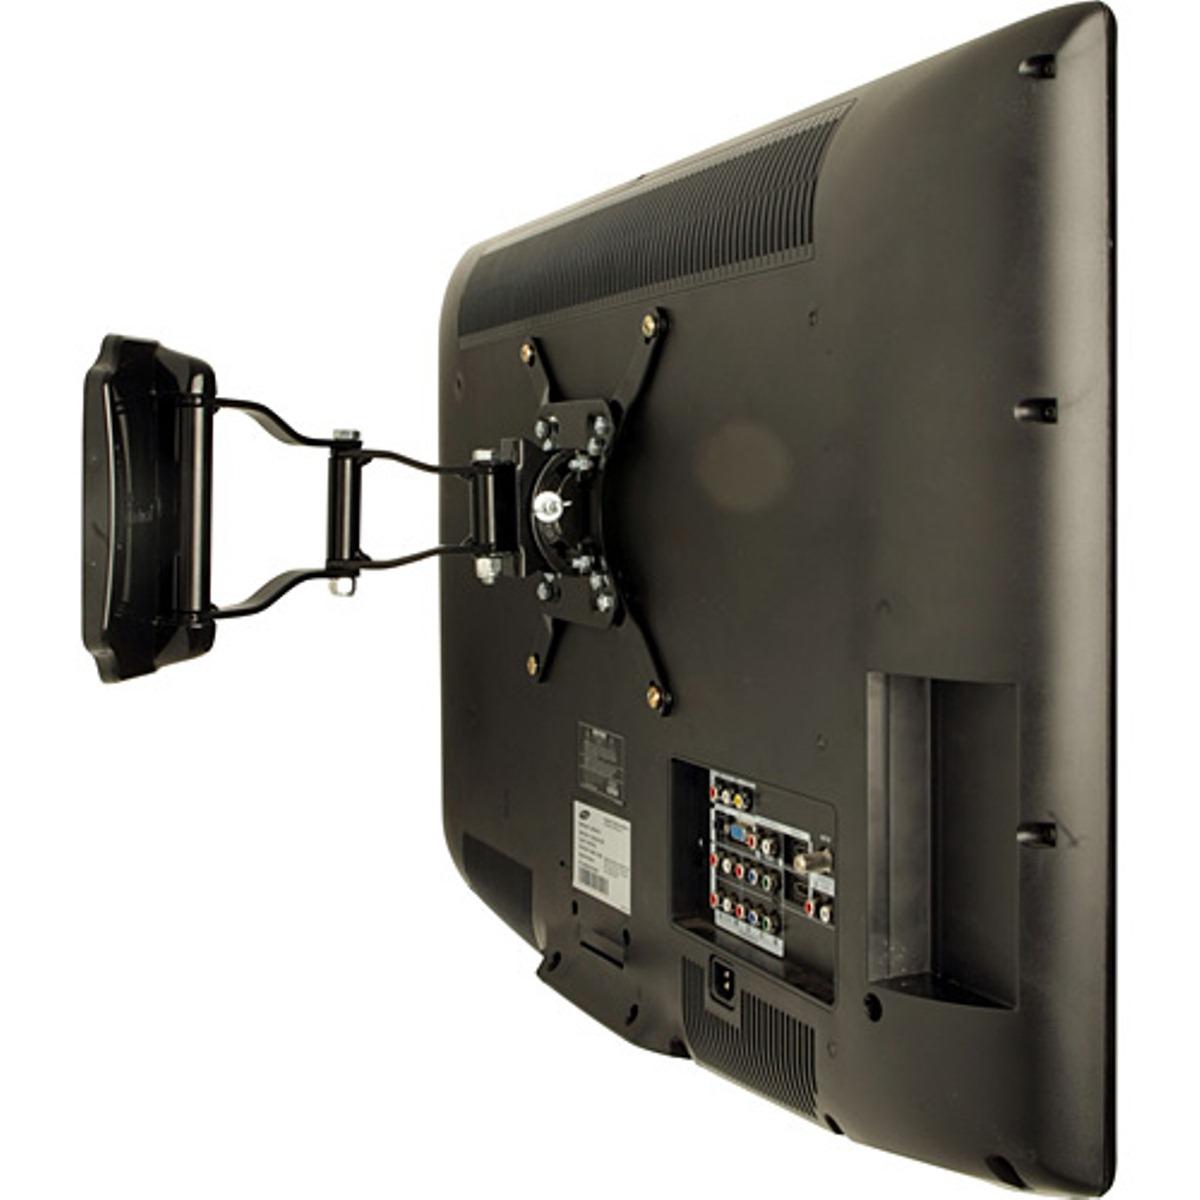 Suporte Universal Tri Articulado SU-500i p/ Plasma, LCD, LED e 3D de 10´ até 42´ - Indusat